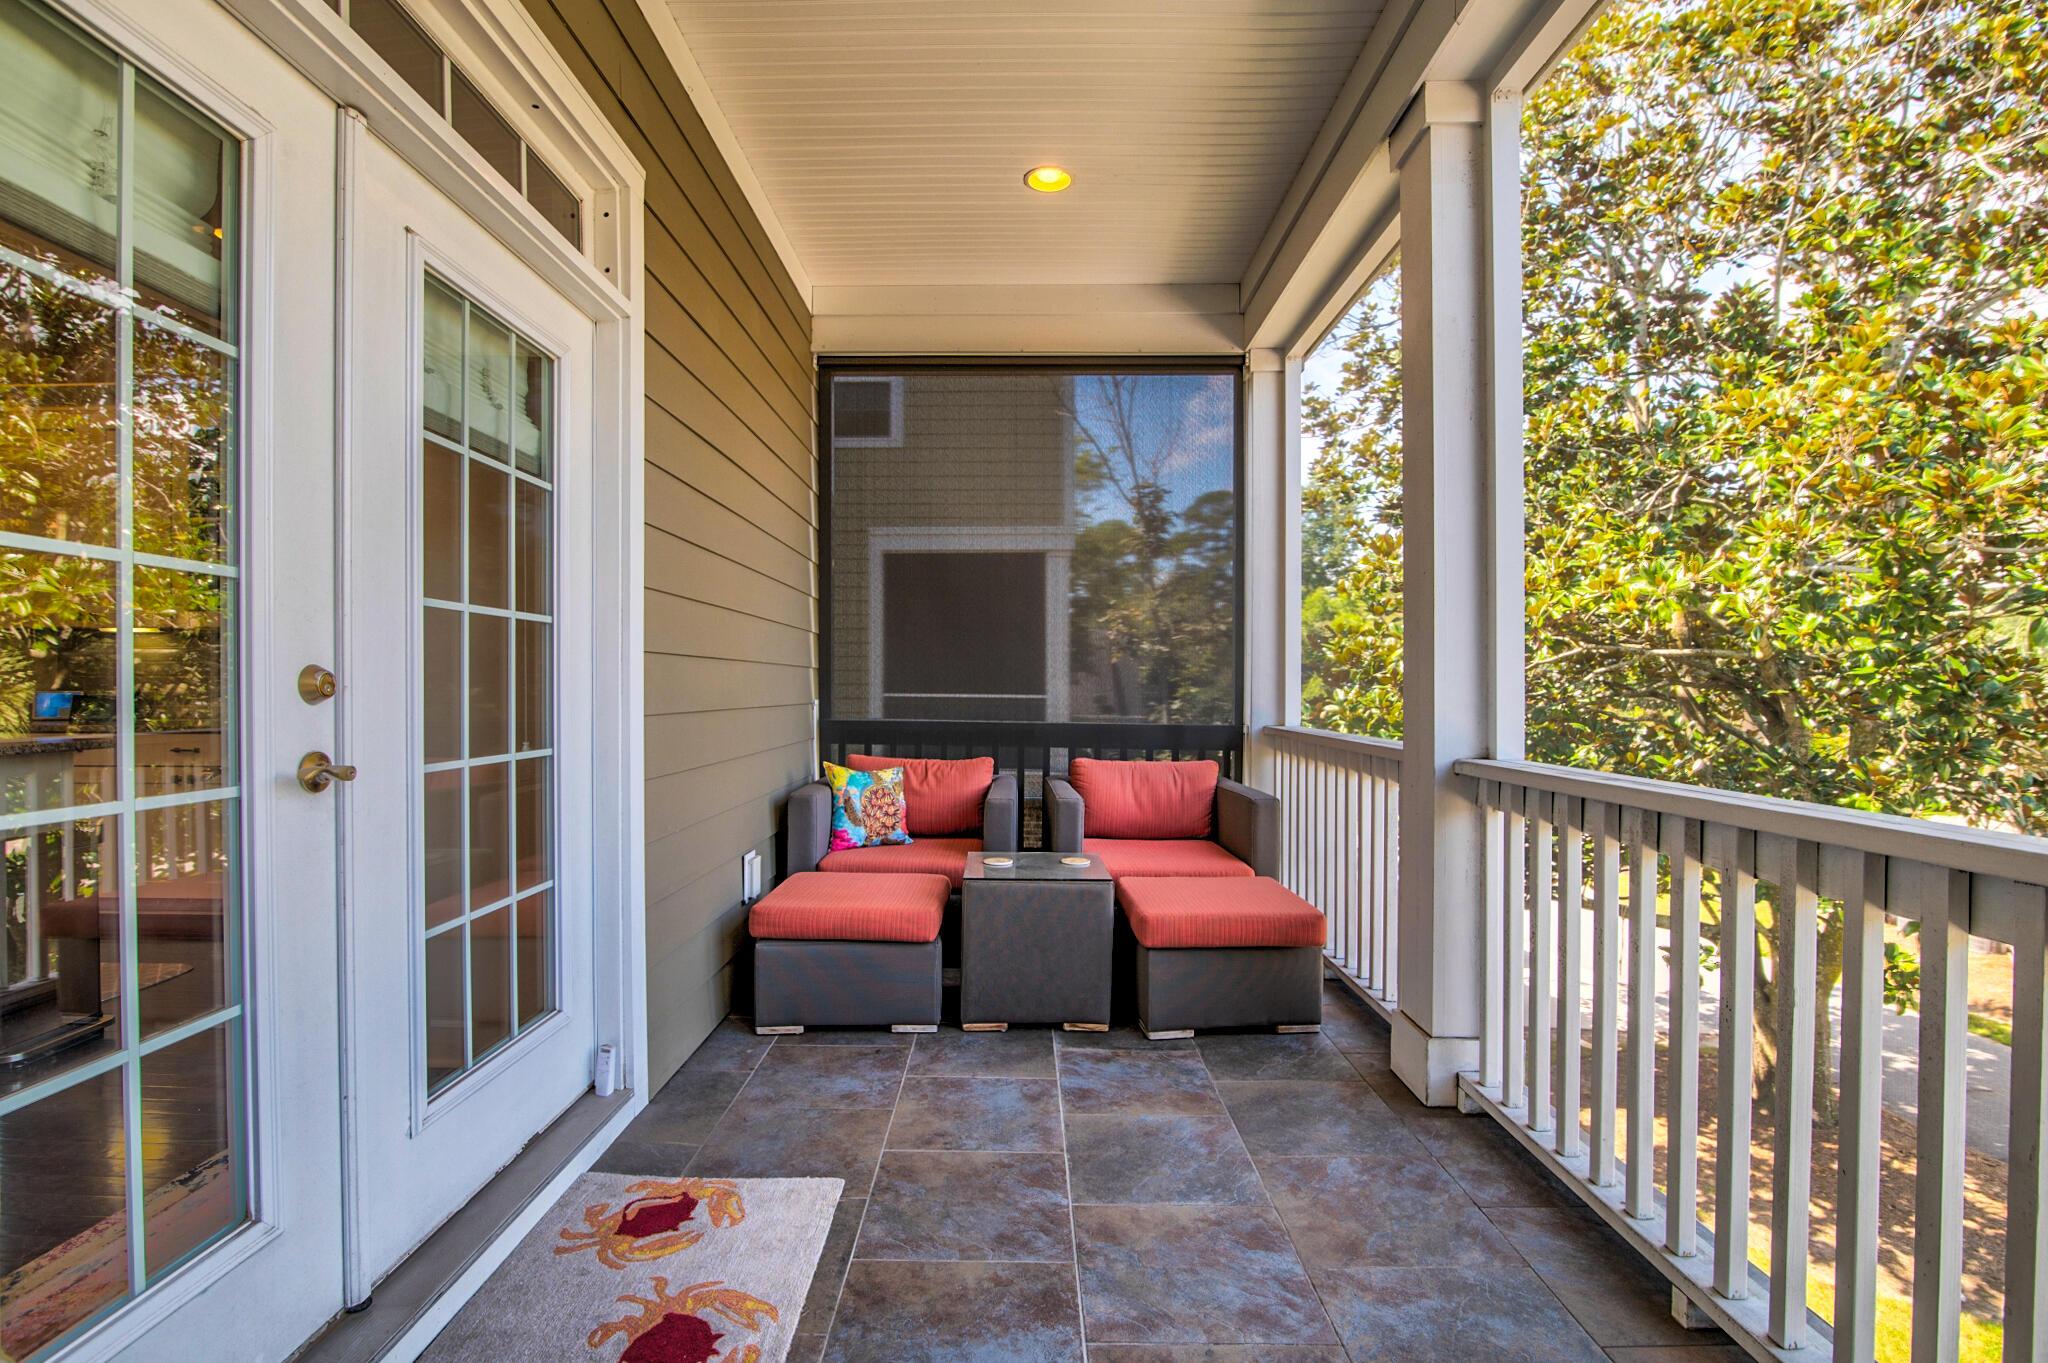 Whitesides Park Homes For Sale - 1102 Alagash Way, Mount Pleasant, SC - 29